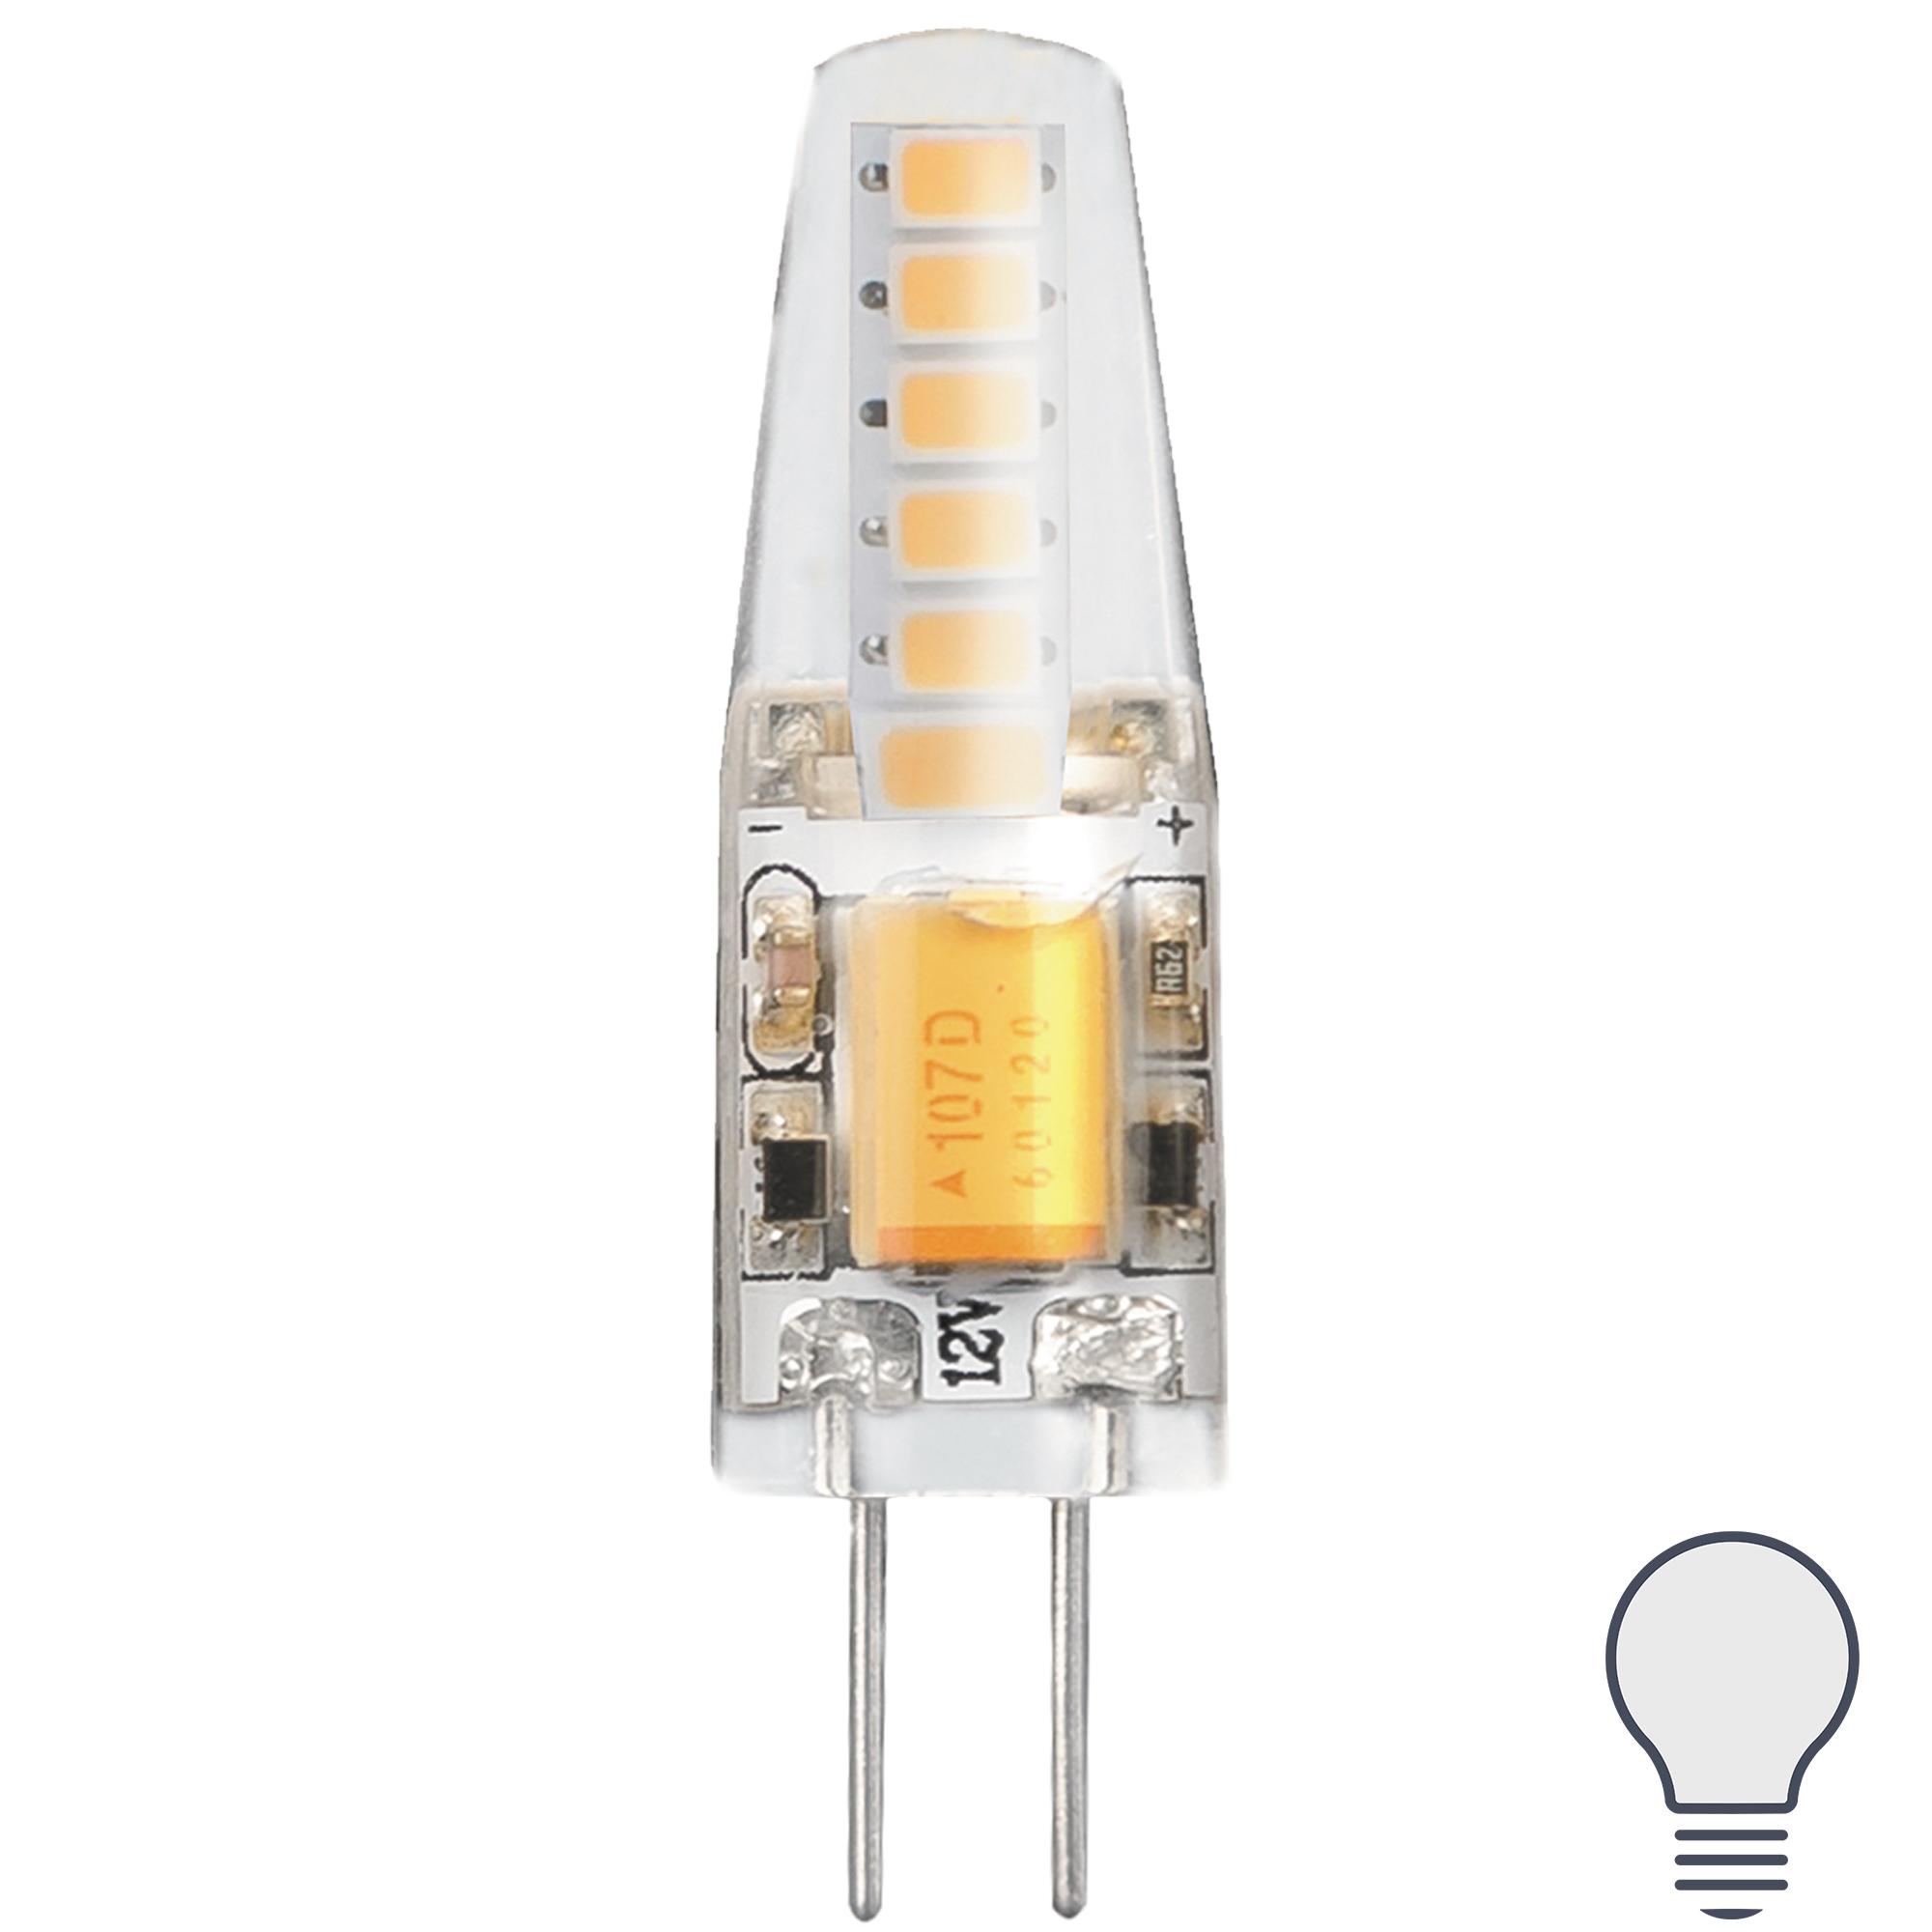 Лампа светодиодная Gauss Basic G4 12 В 2 Вт капсула 190 лм нейтральный белый свет